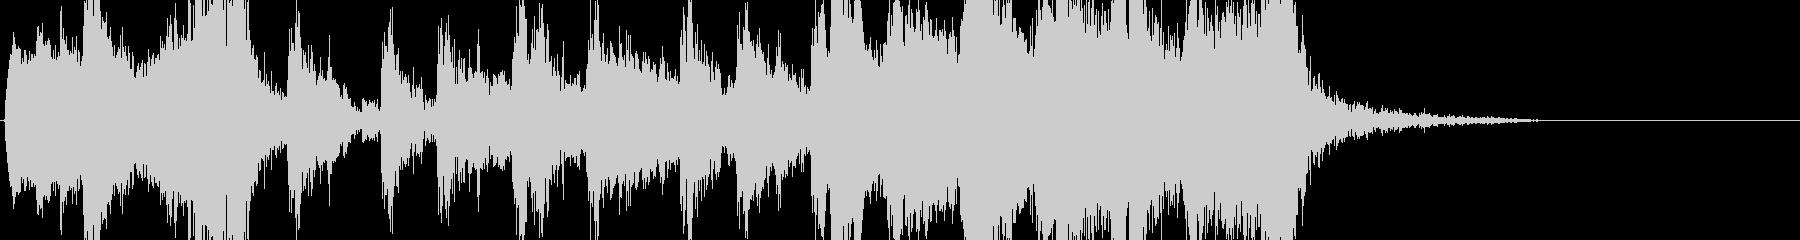 かっこいいオーケストラ風ジングルの未再生の波形